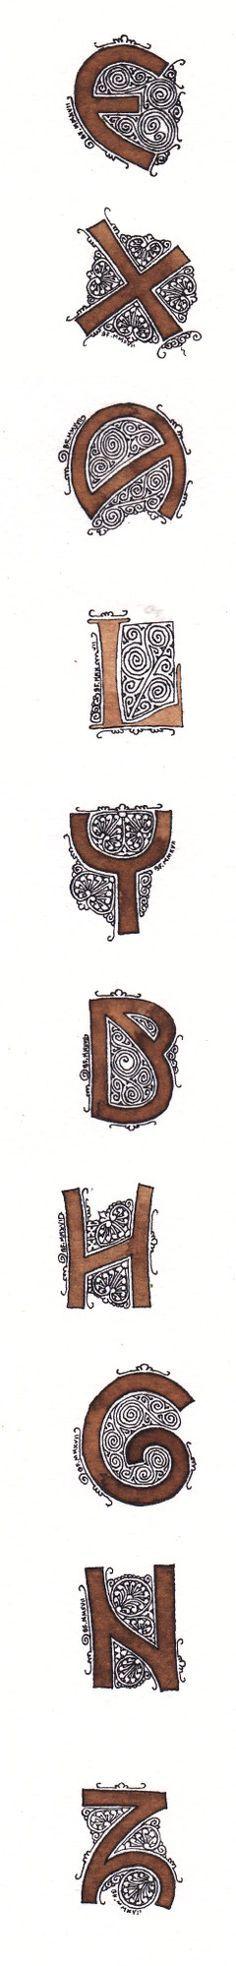 Anachropsy - Calligraphie latine par Benoit Furet